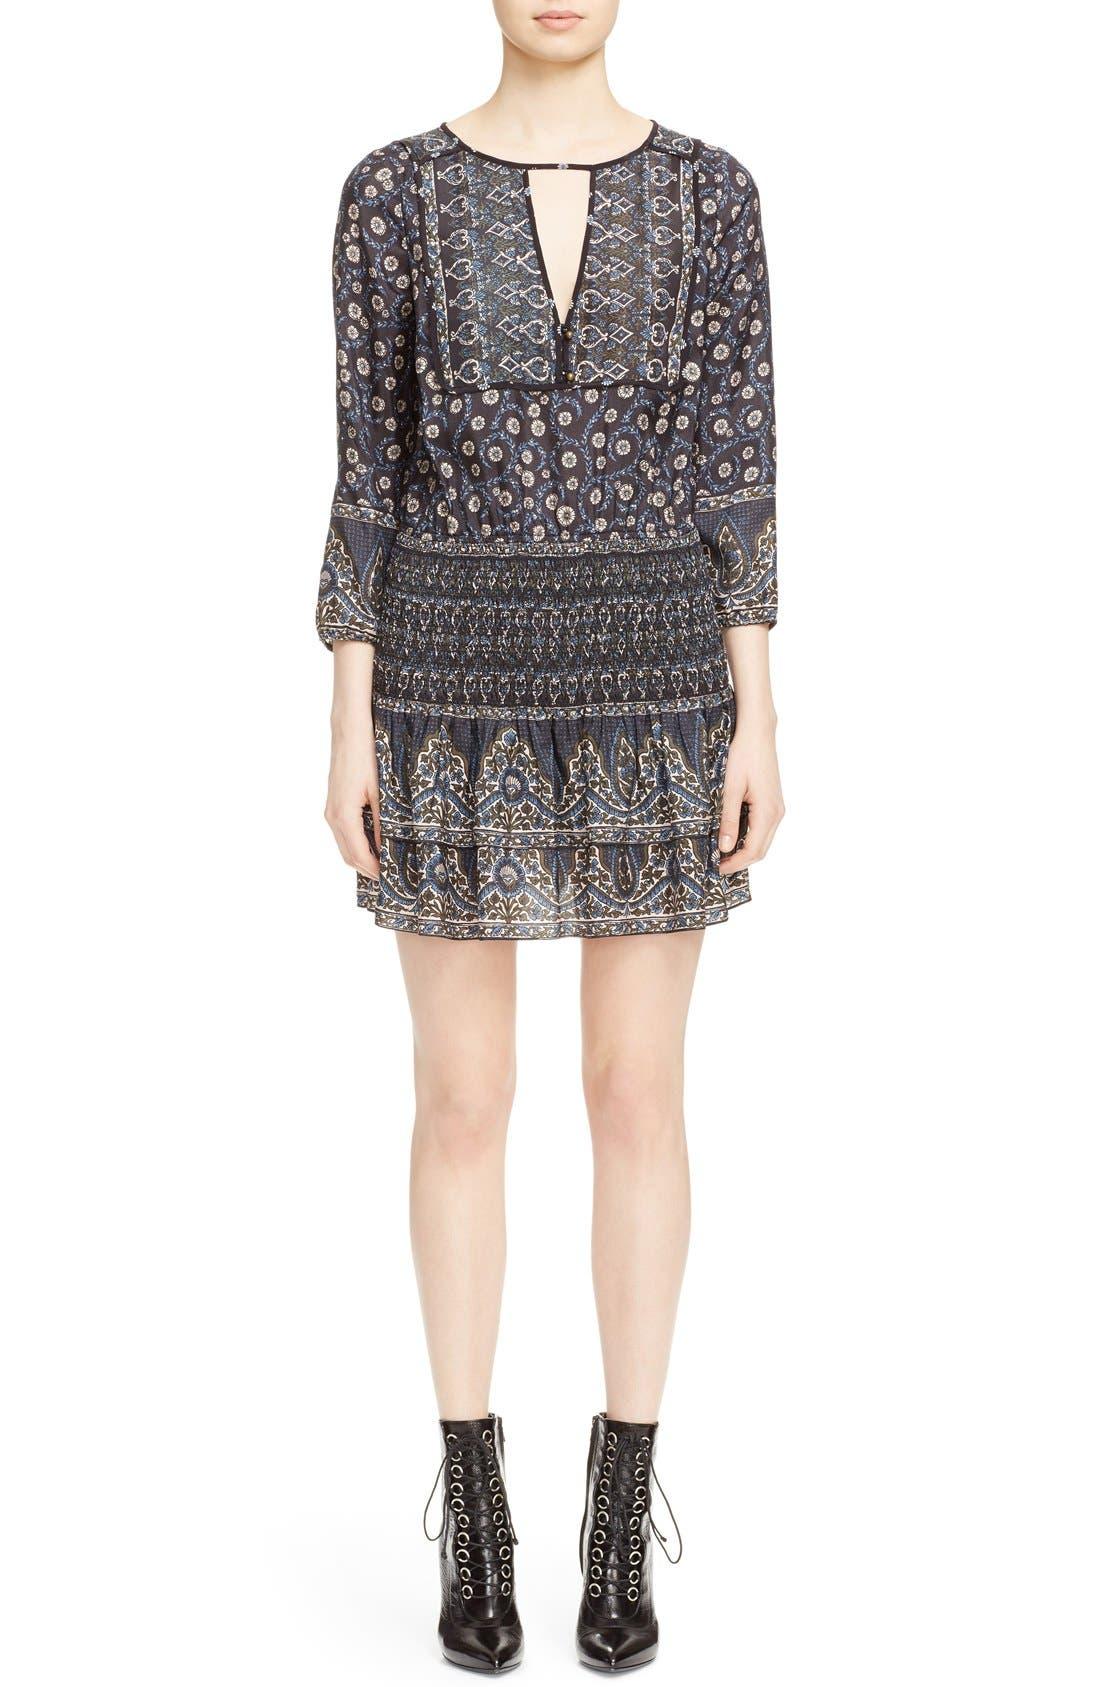 Alternate Image 1 Selected - Veronica Beard 'Makai' Floral Print Silk Ruffle Hem Dress